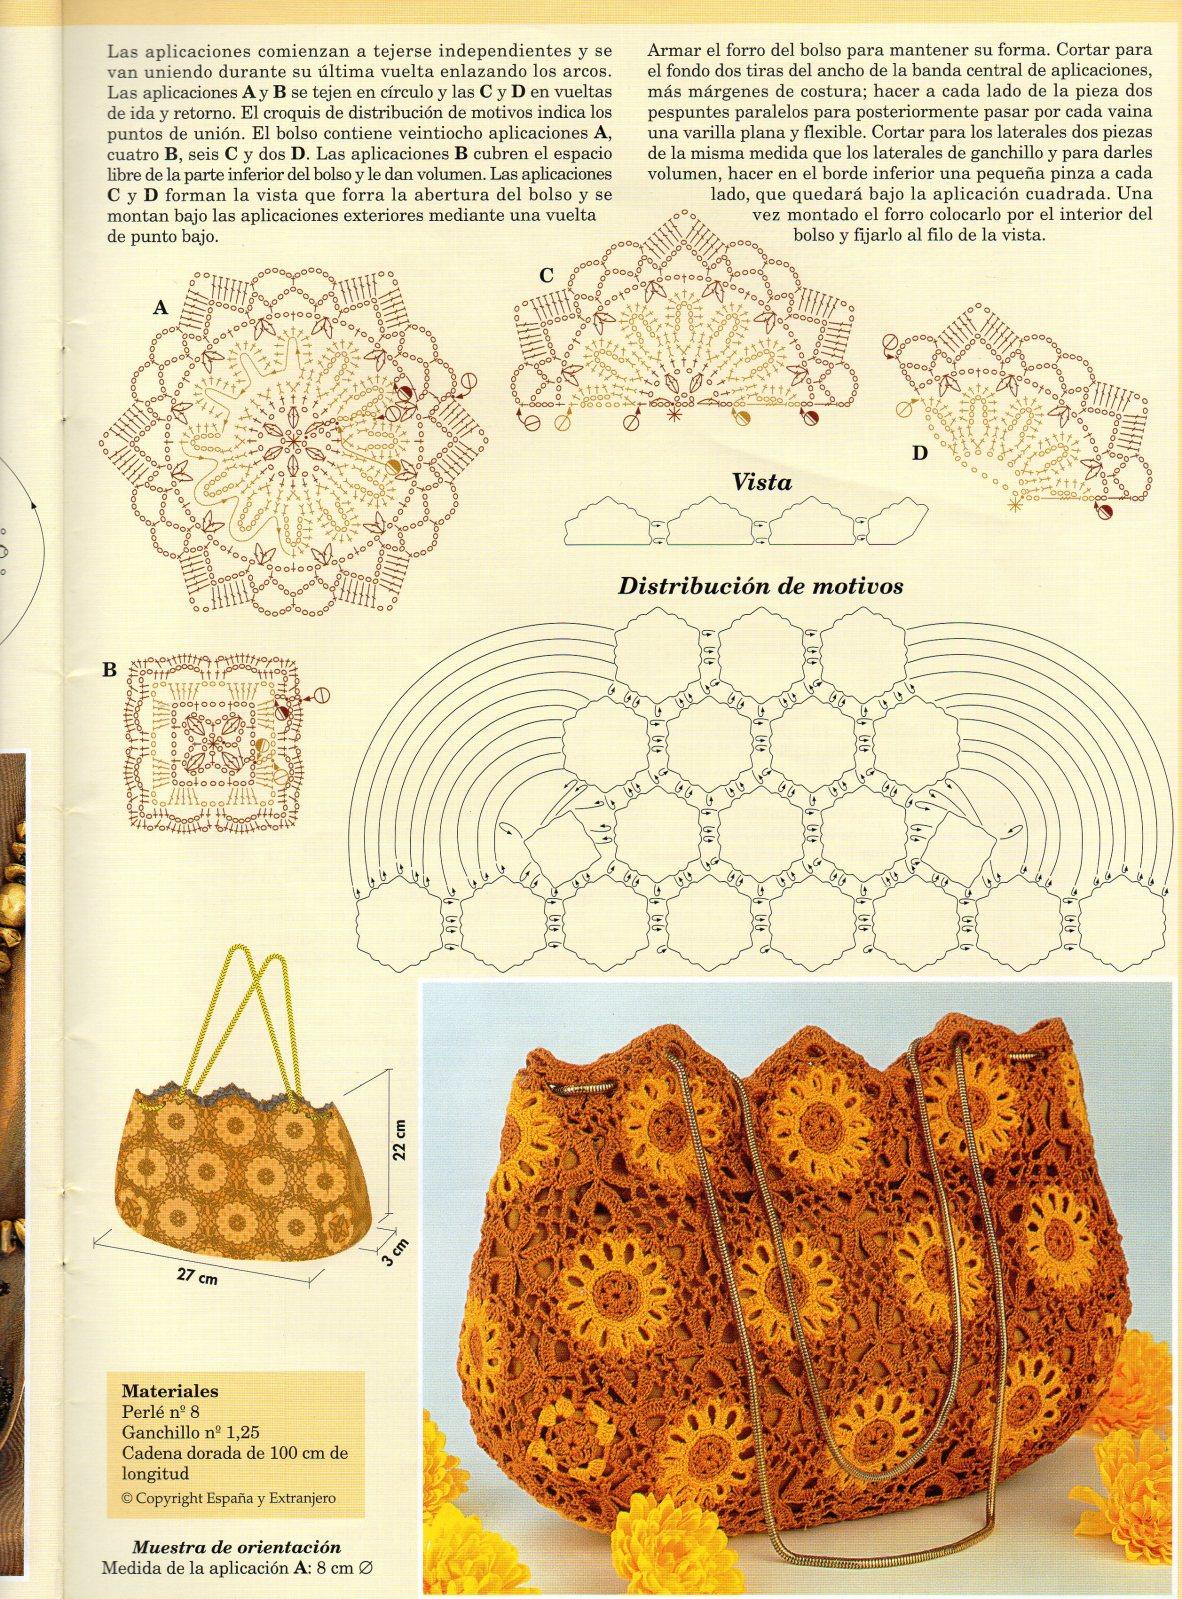 patrones - patrones de bolsos 2f06dl5